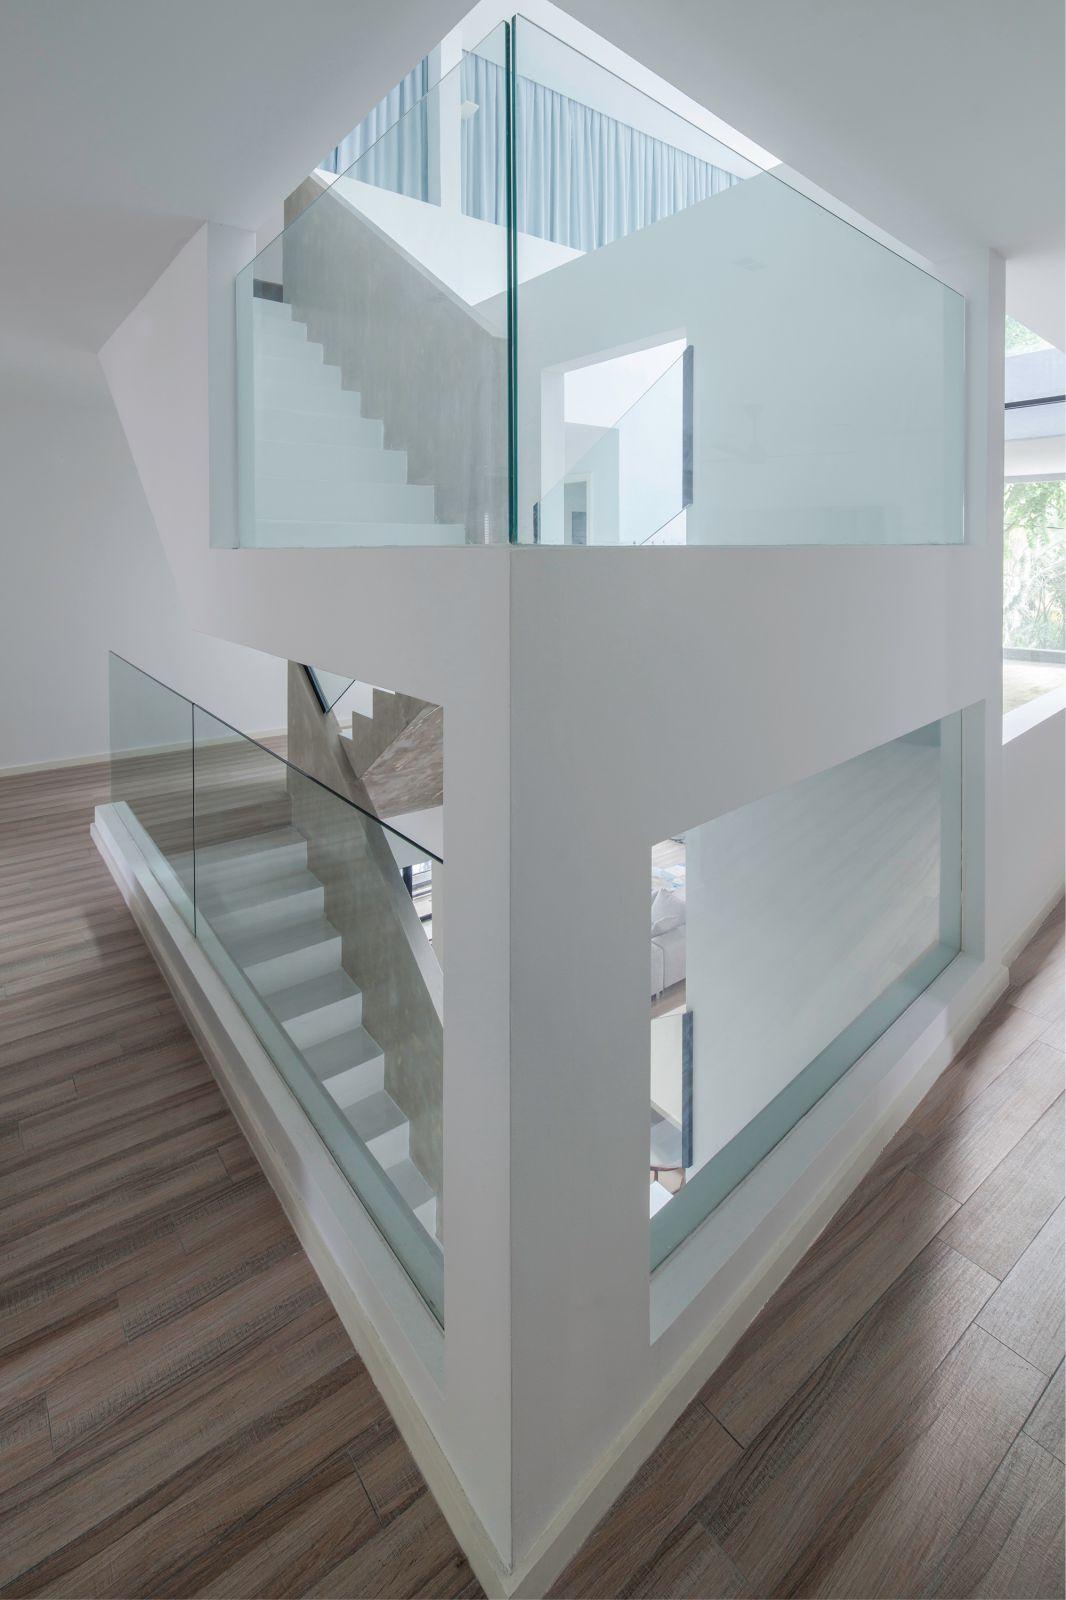 3x3 House